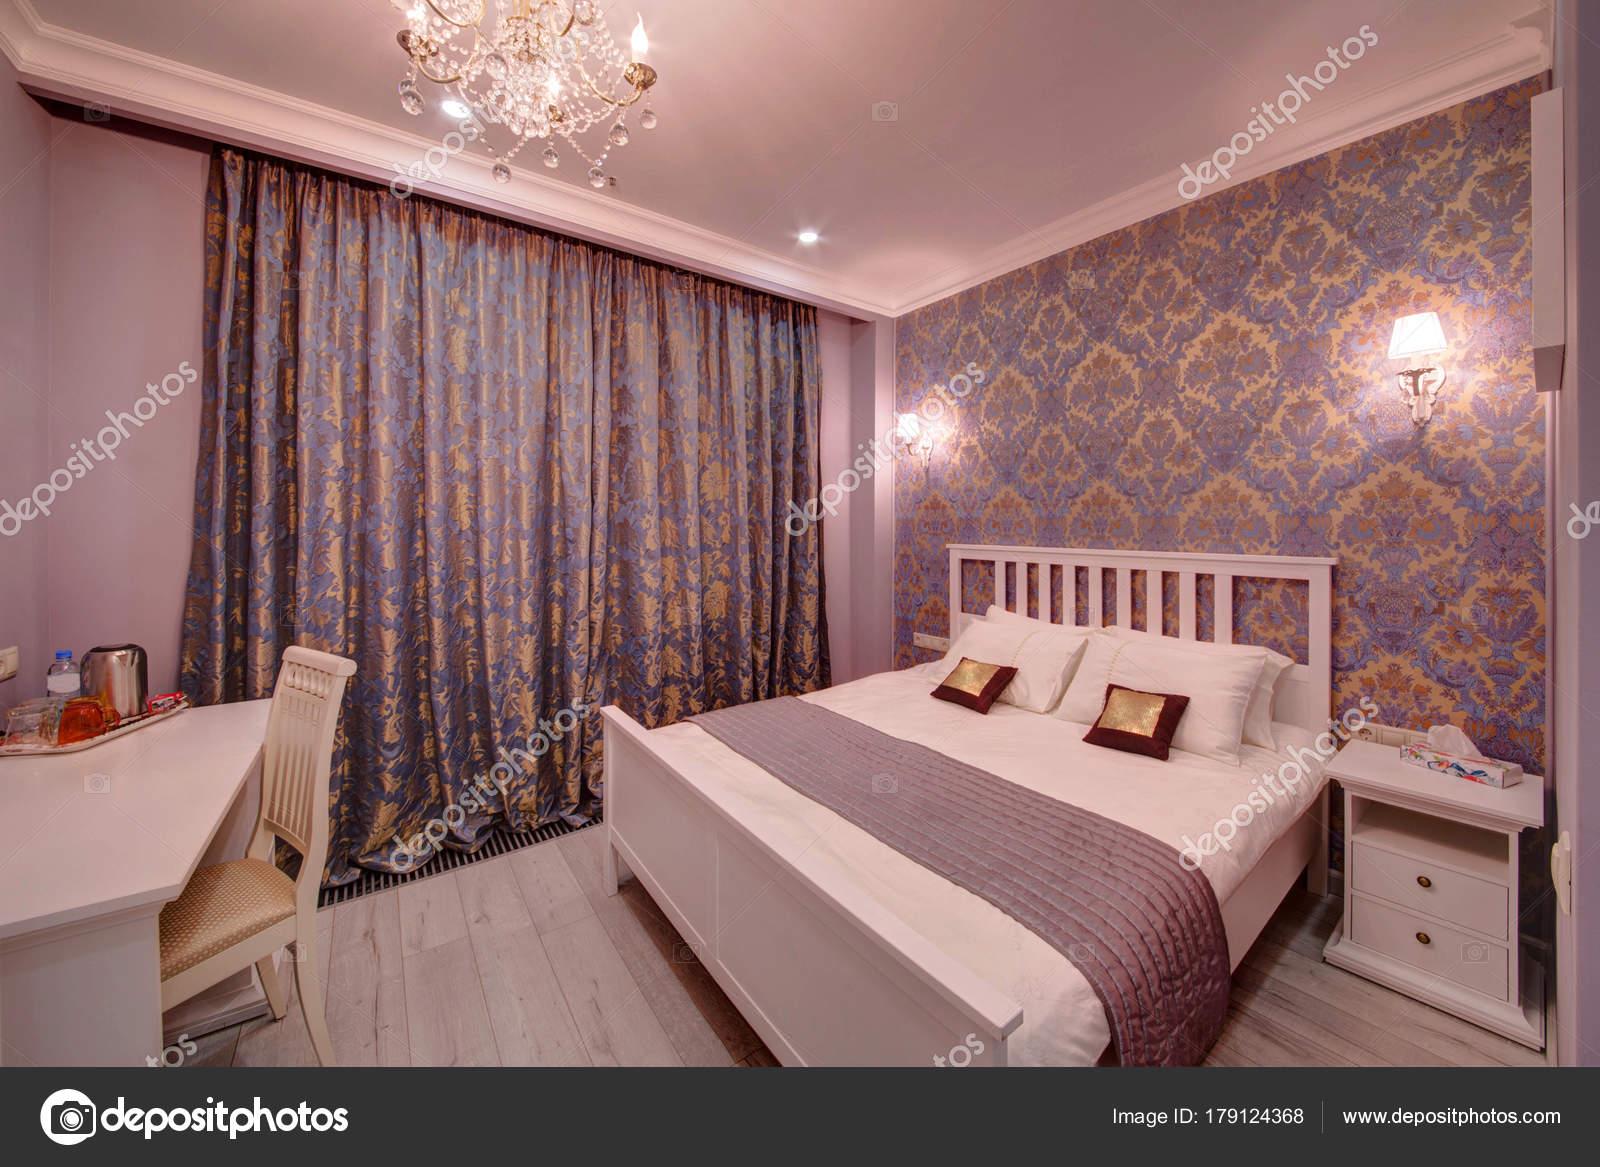 De Witte Slaapkamer : Witte slaapkamer met een groot bed met een deksel multi u2014 stockfoto